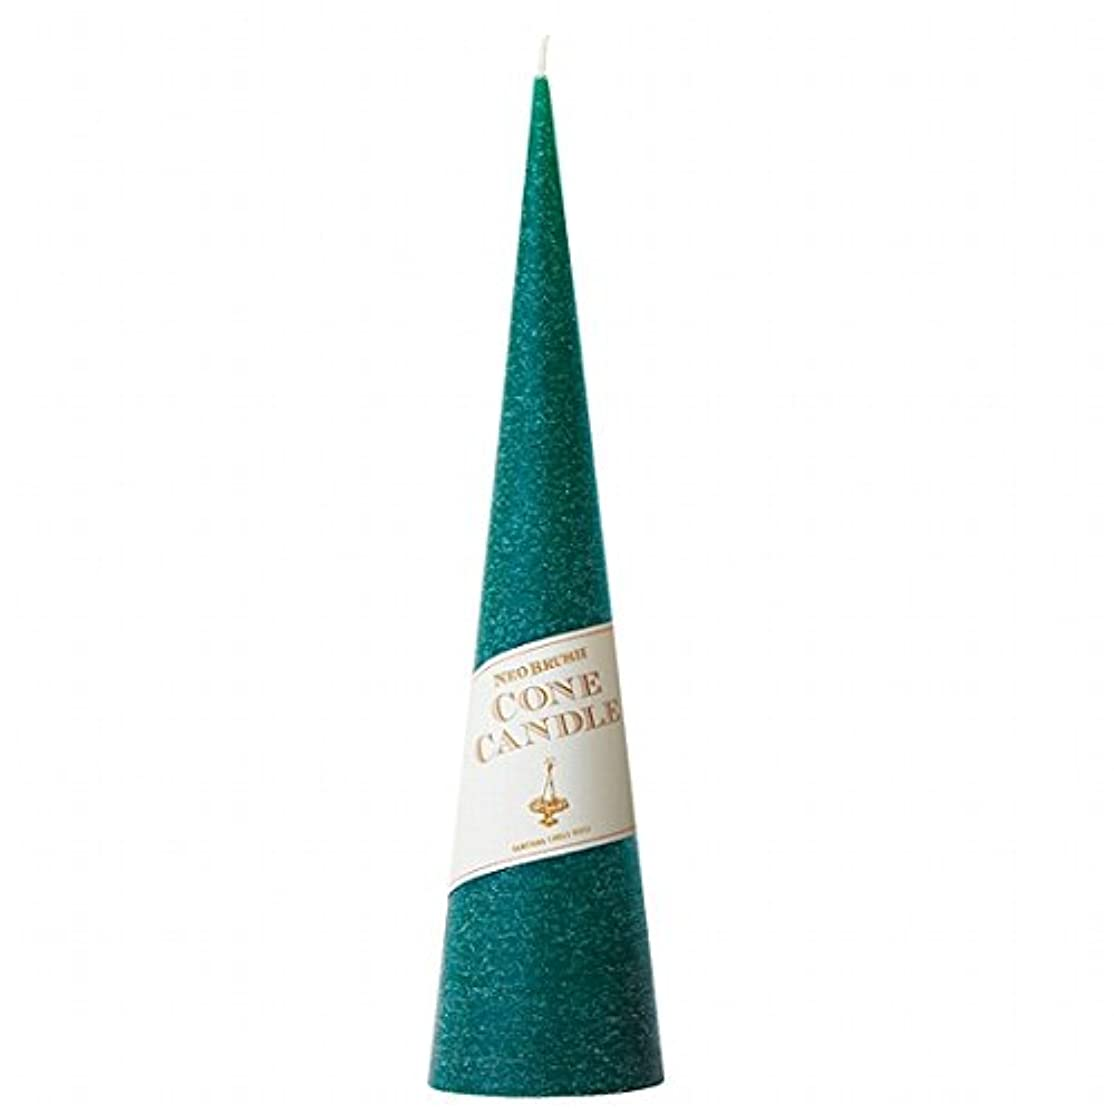 超えて行き当たりばったり優雅kameyama candle(カメヤマキャンドル) ネオブラッシュコーン 295 キャンドル 「 グリーン 」(A9750030G)